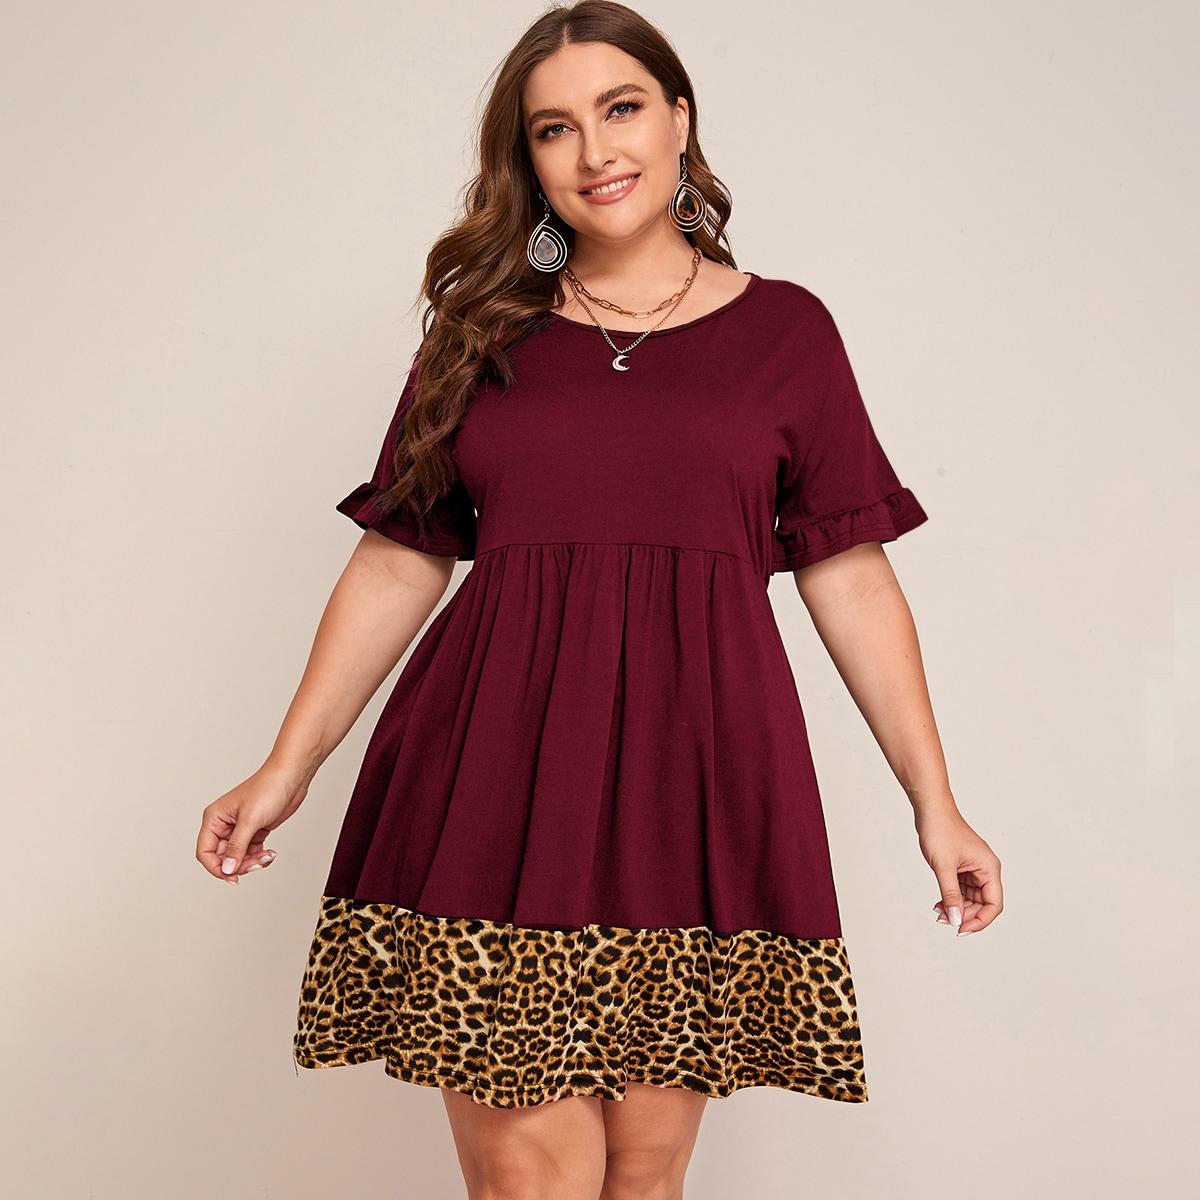 Контрастное леопардовое платье размера плюс